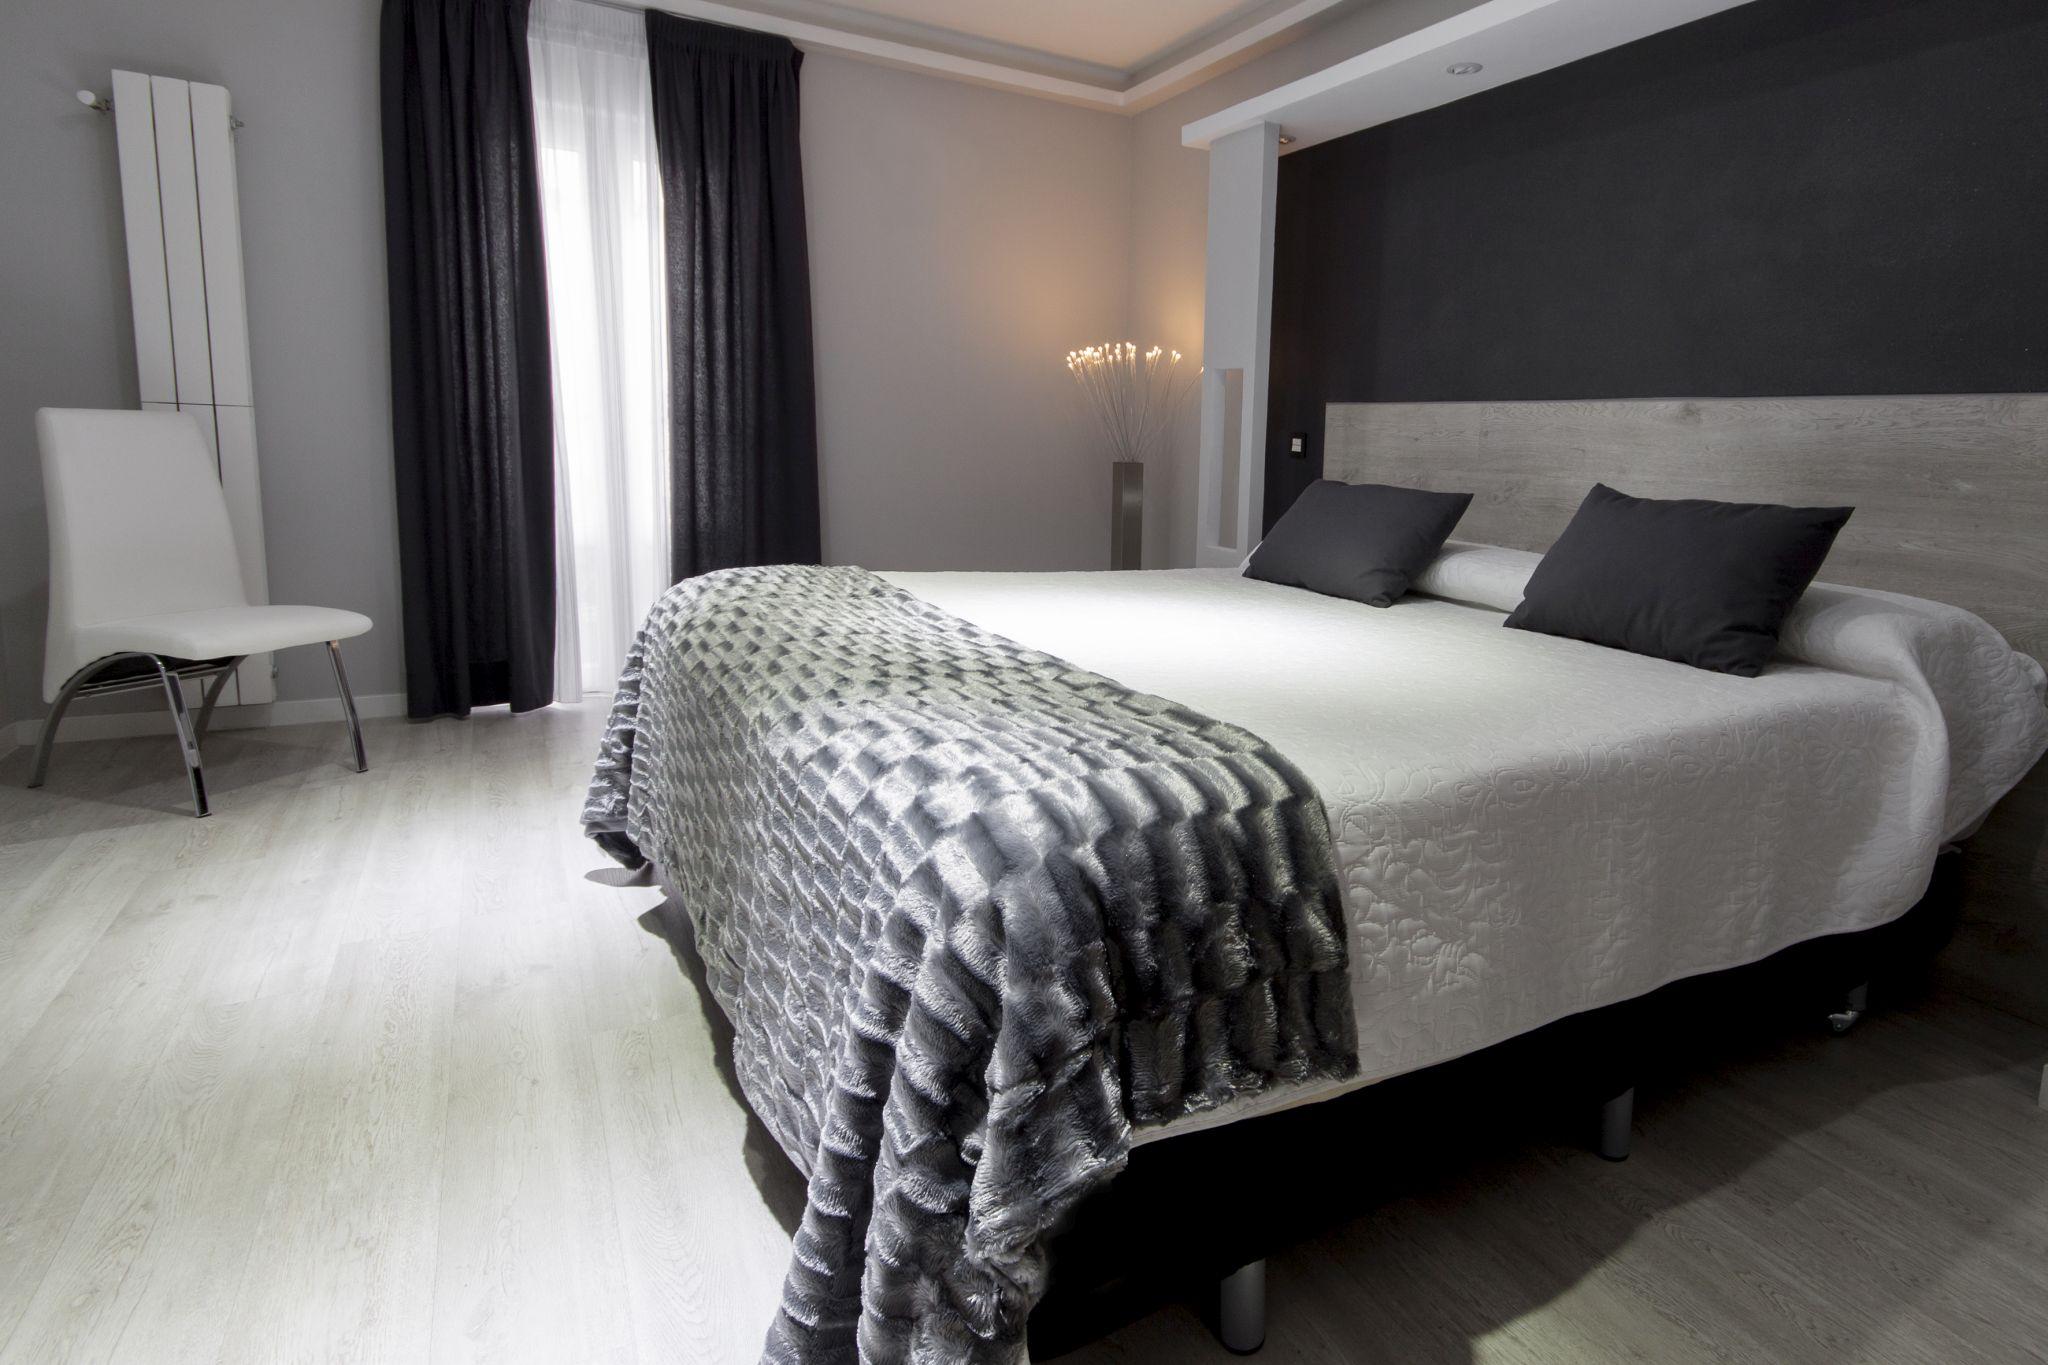 Habitaci n doble hostal overnight madrid for Hostal diseno madrid